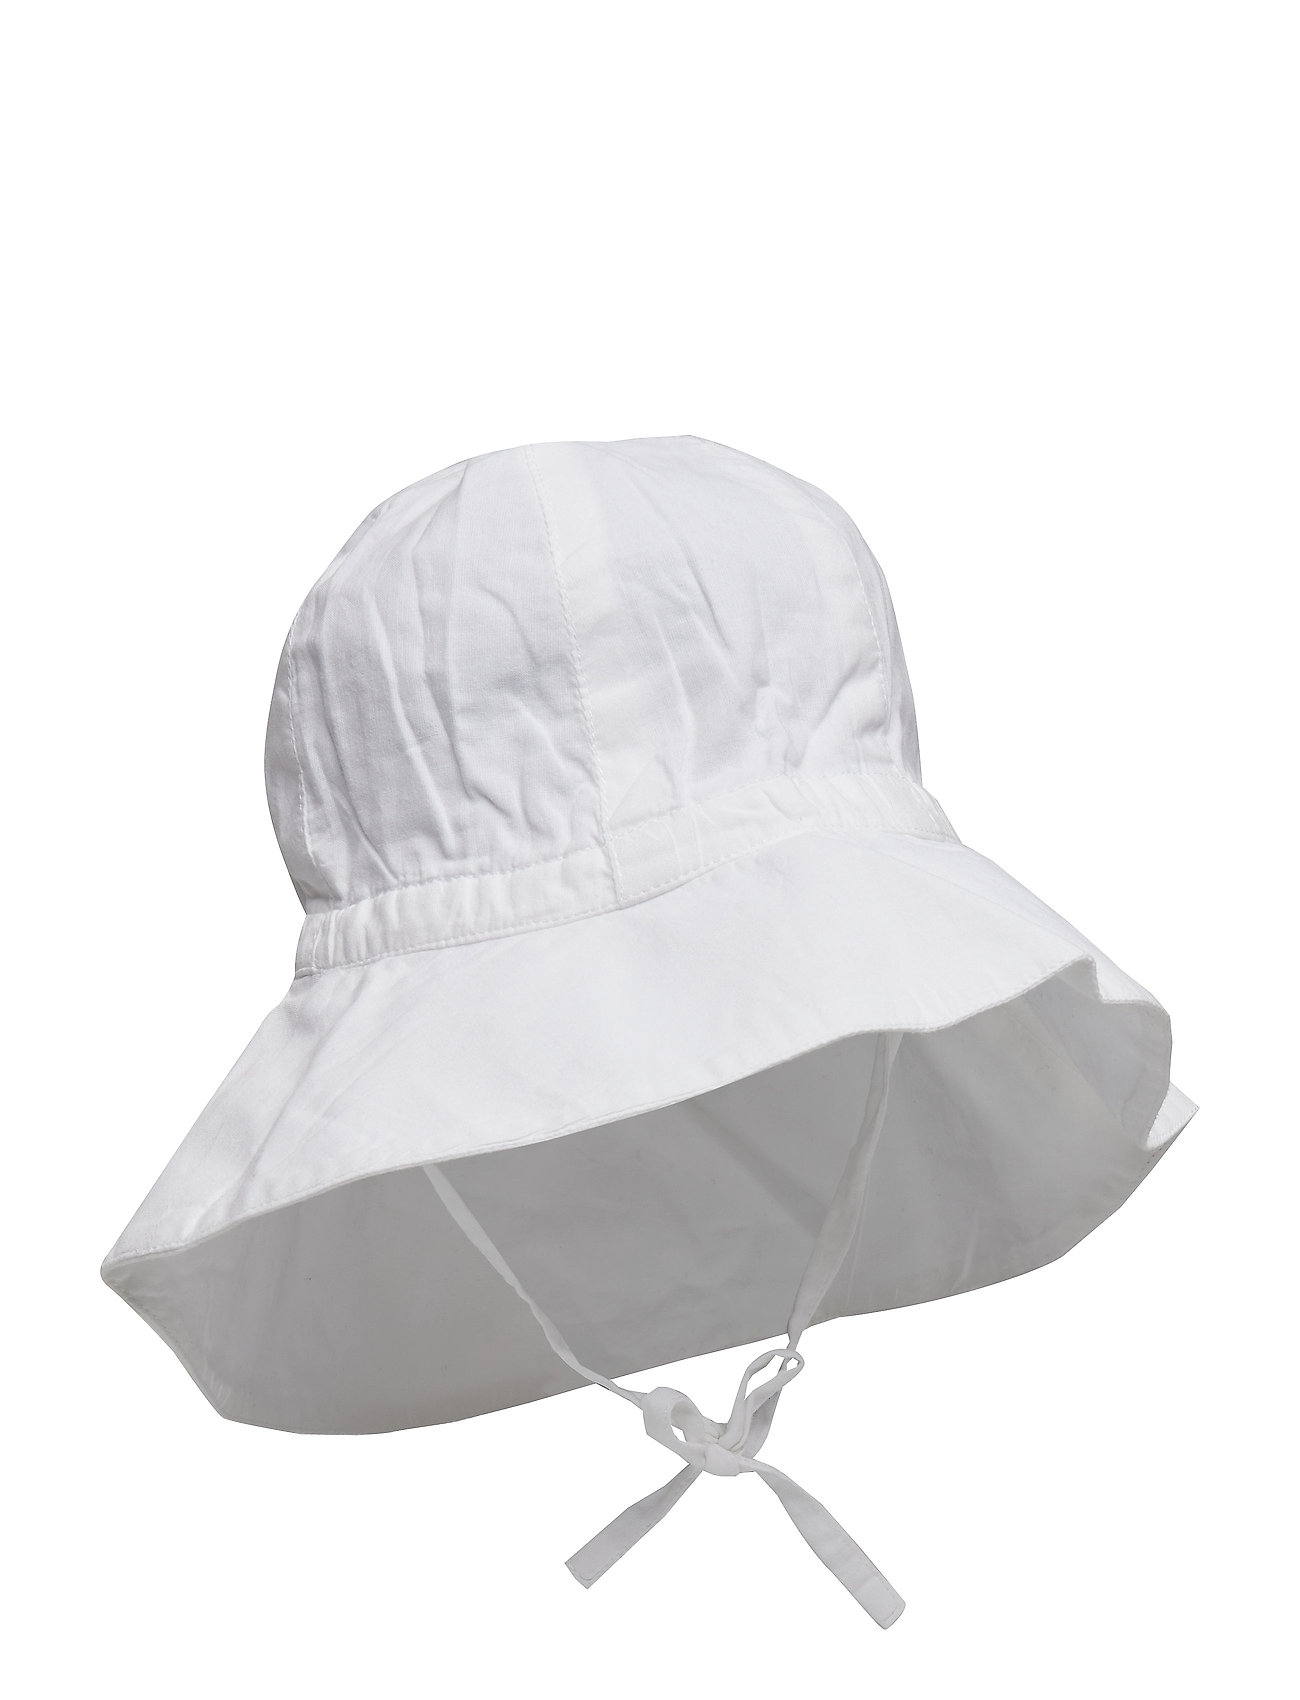 fddba3a0b30 Wheat solhatte – Baby Girl Sun Cap til børn i Hvid - Pashion.dk